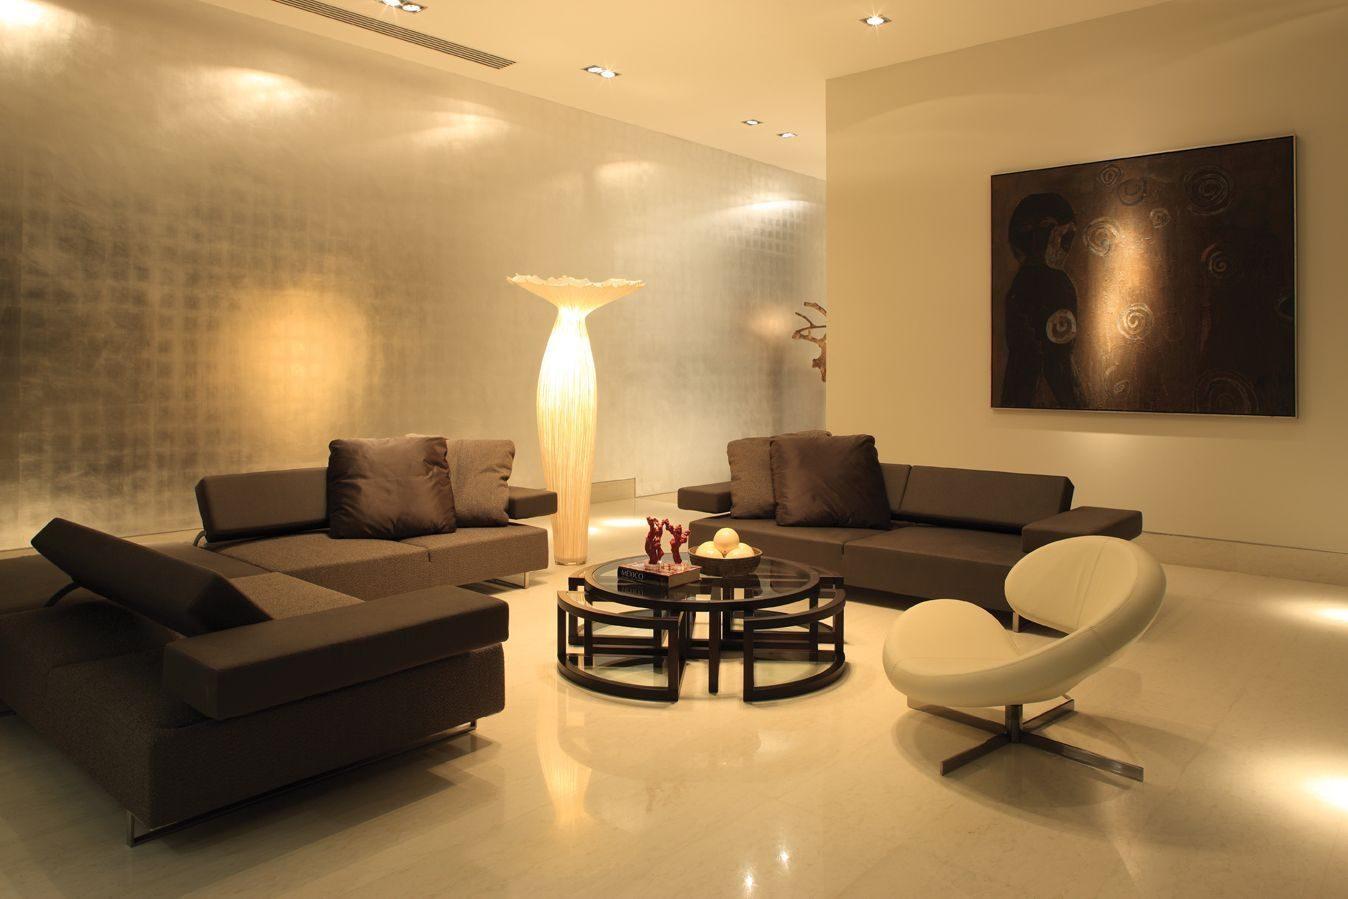 Iluminaci n led en los lugares principales - Iluminacion con leds en casas ...